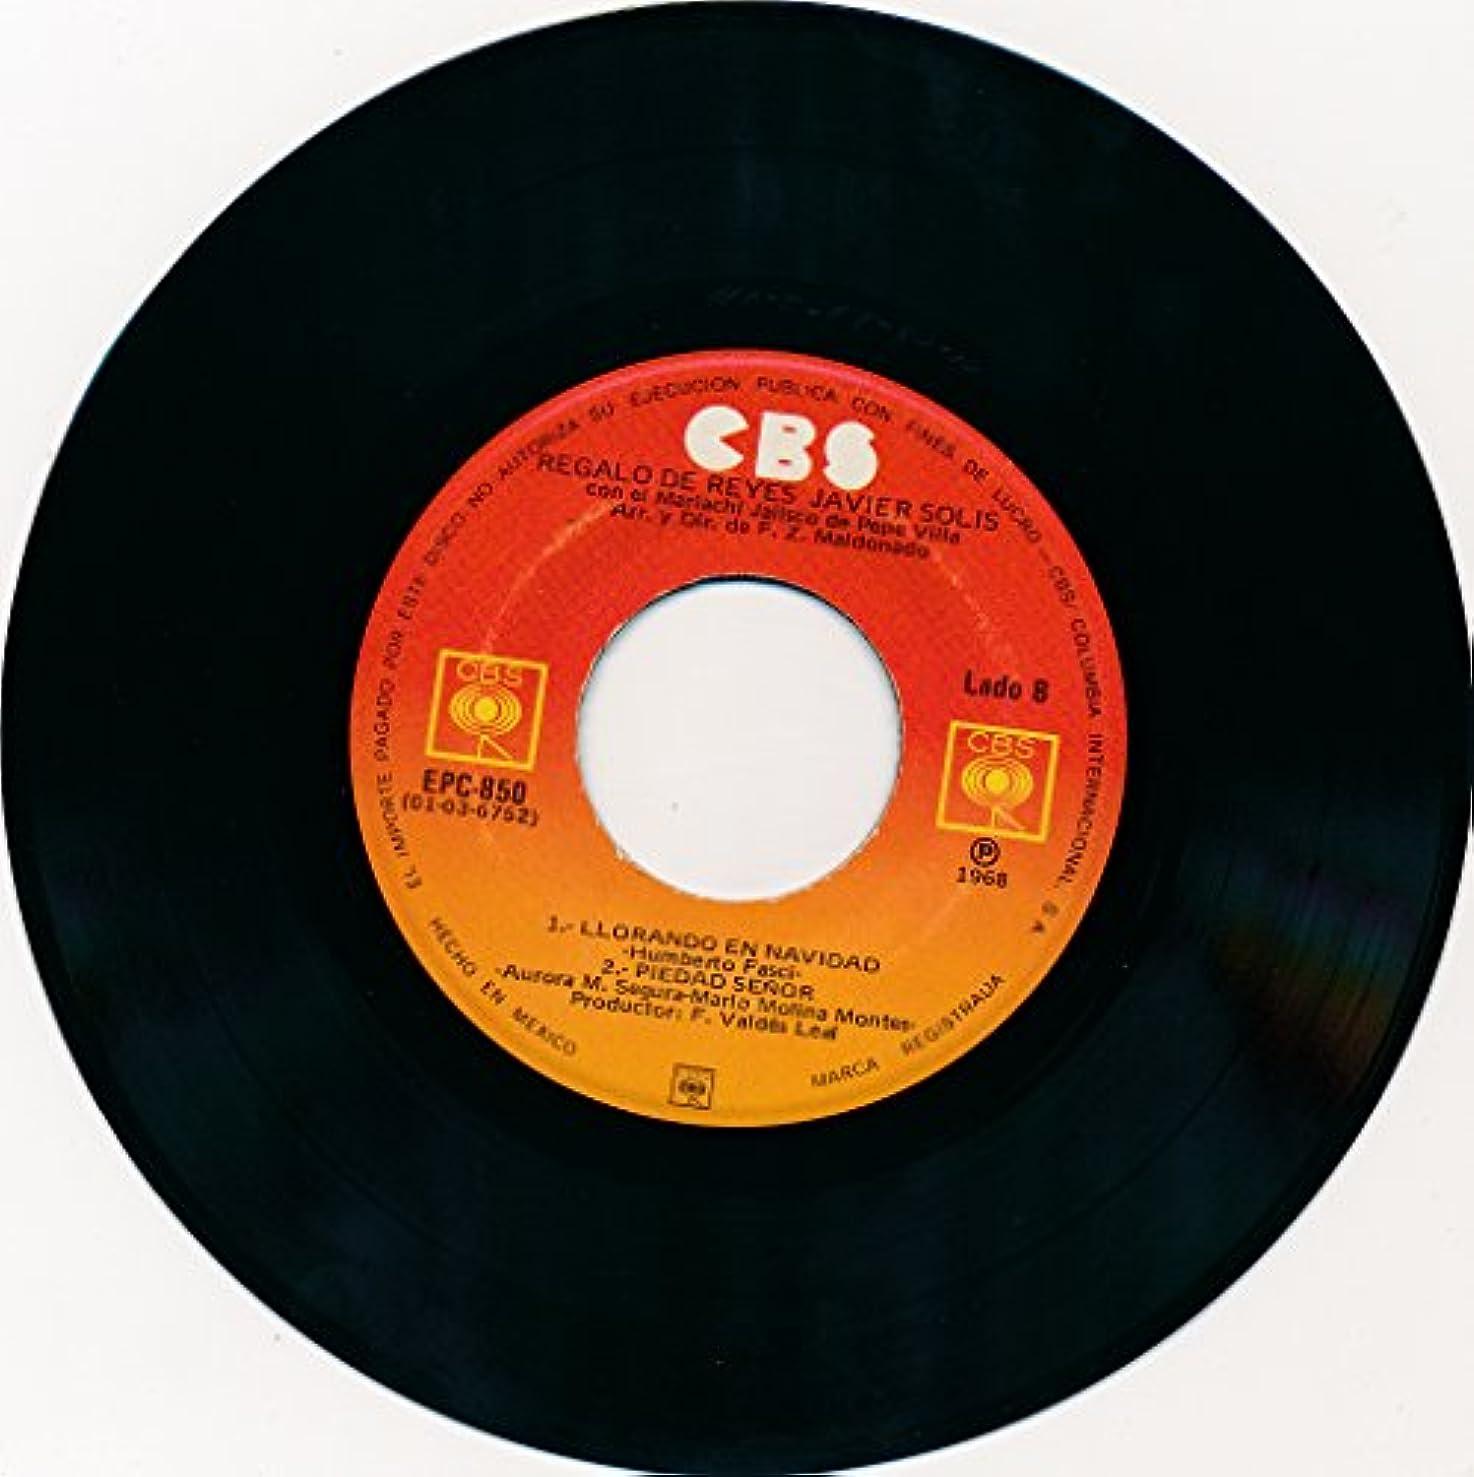 Regalo De Reyes; Padre Mio; Llorando En Navidad & Piedad Senor (1968 CBS 45 rpm)